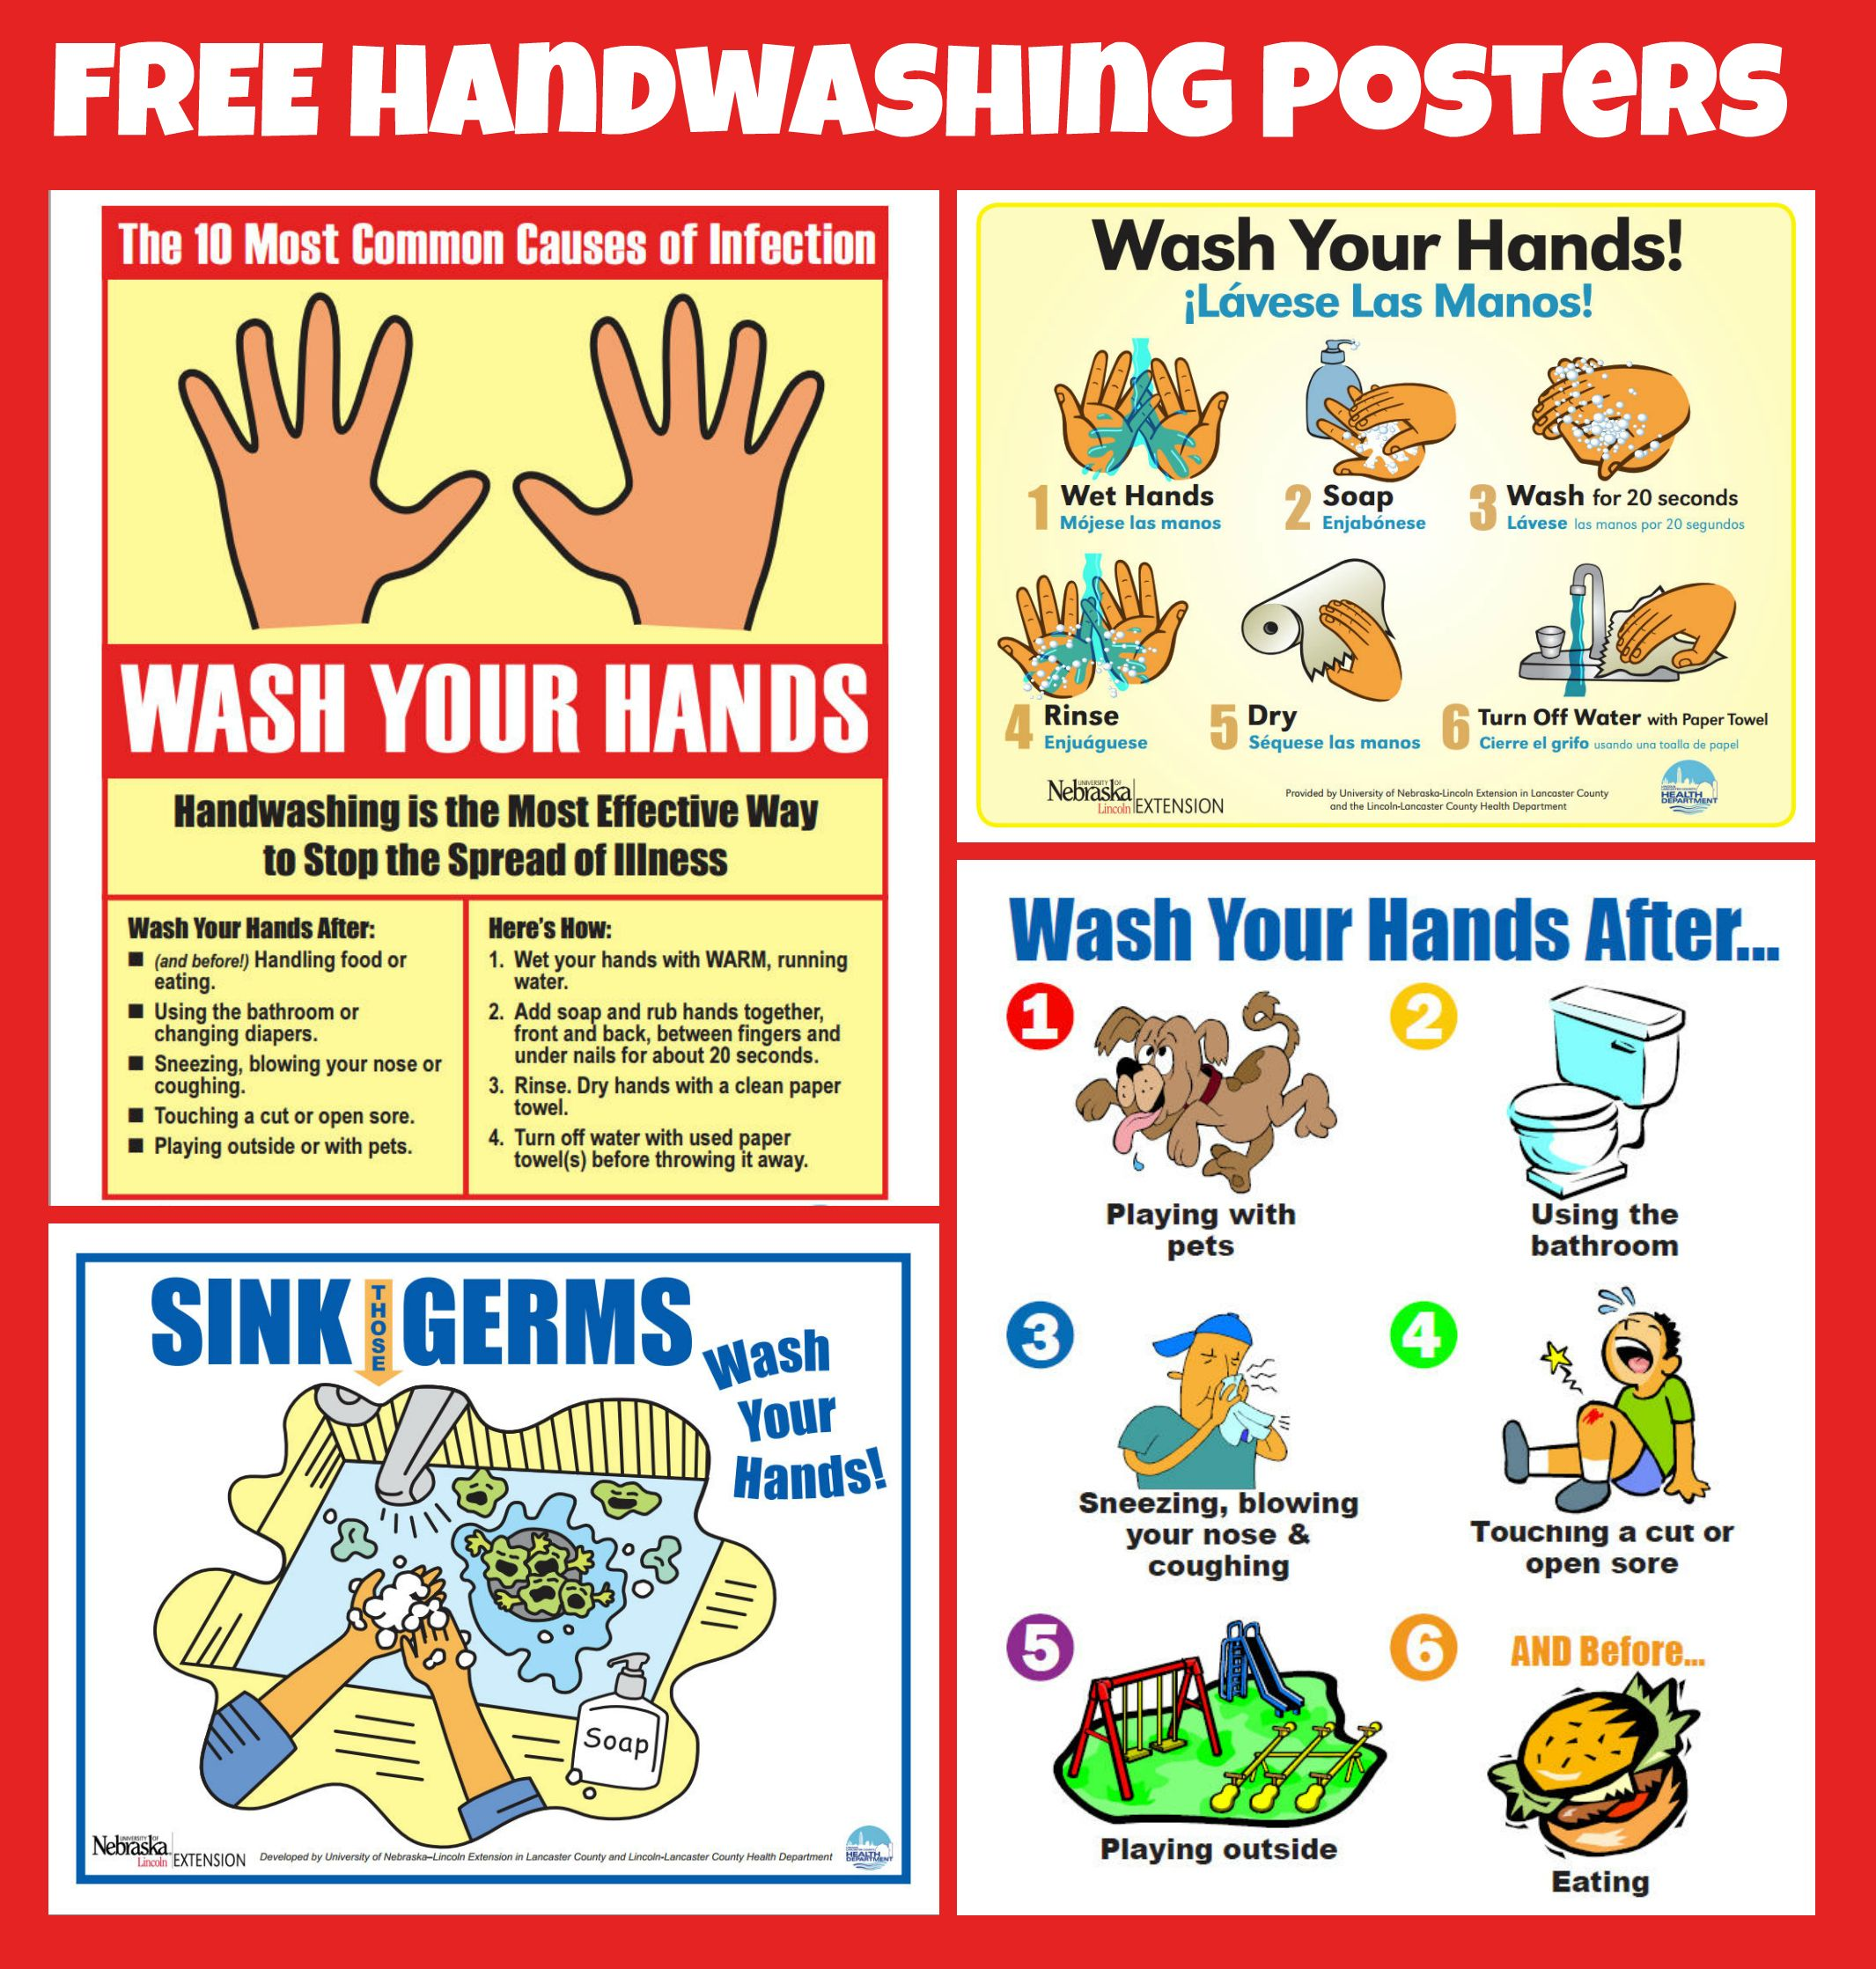 Free Handwashing Posters